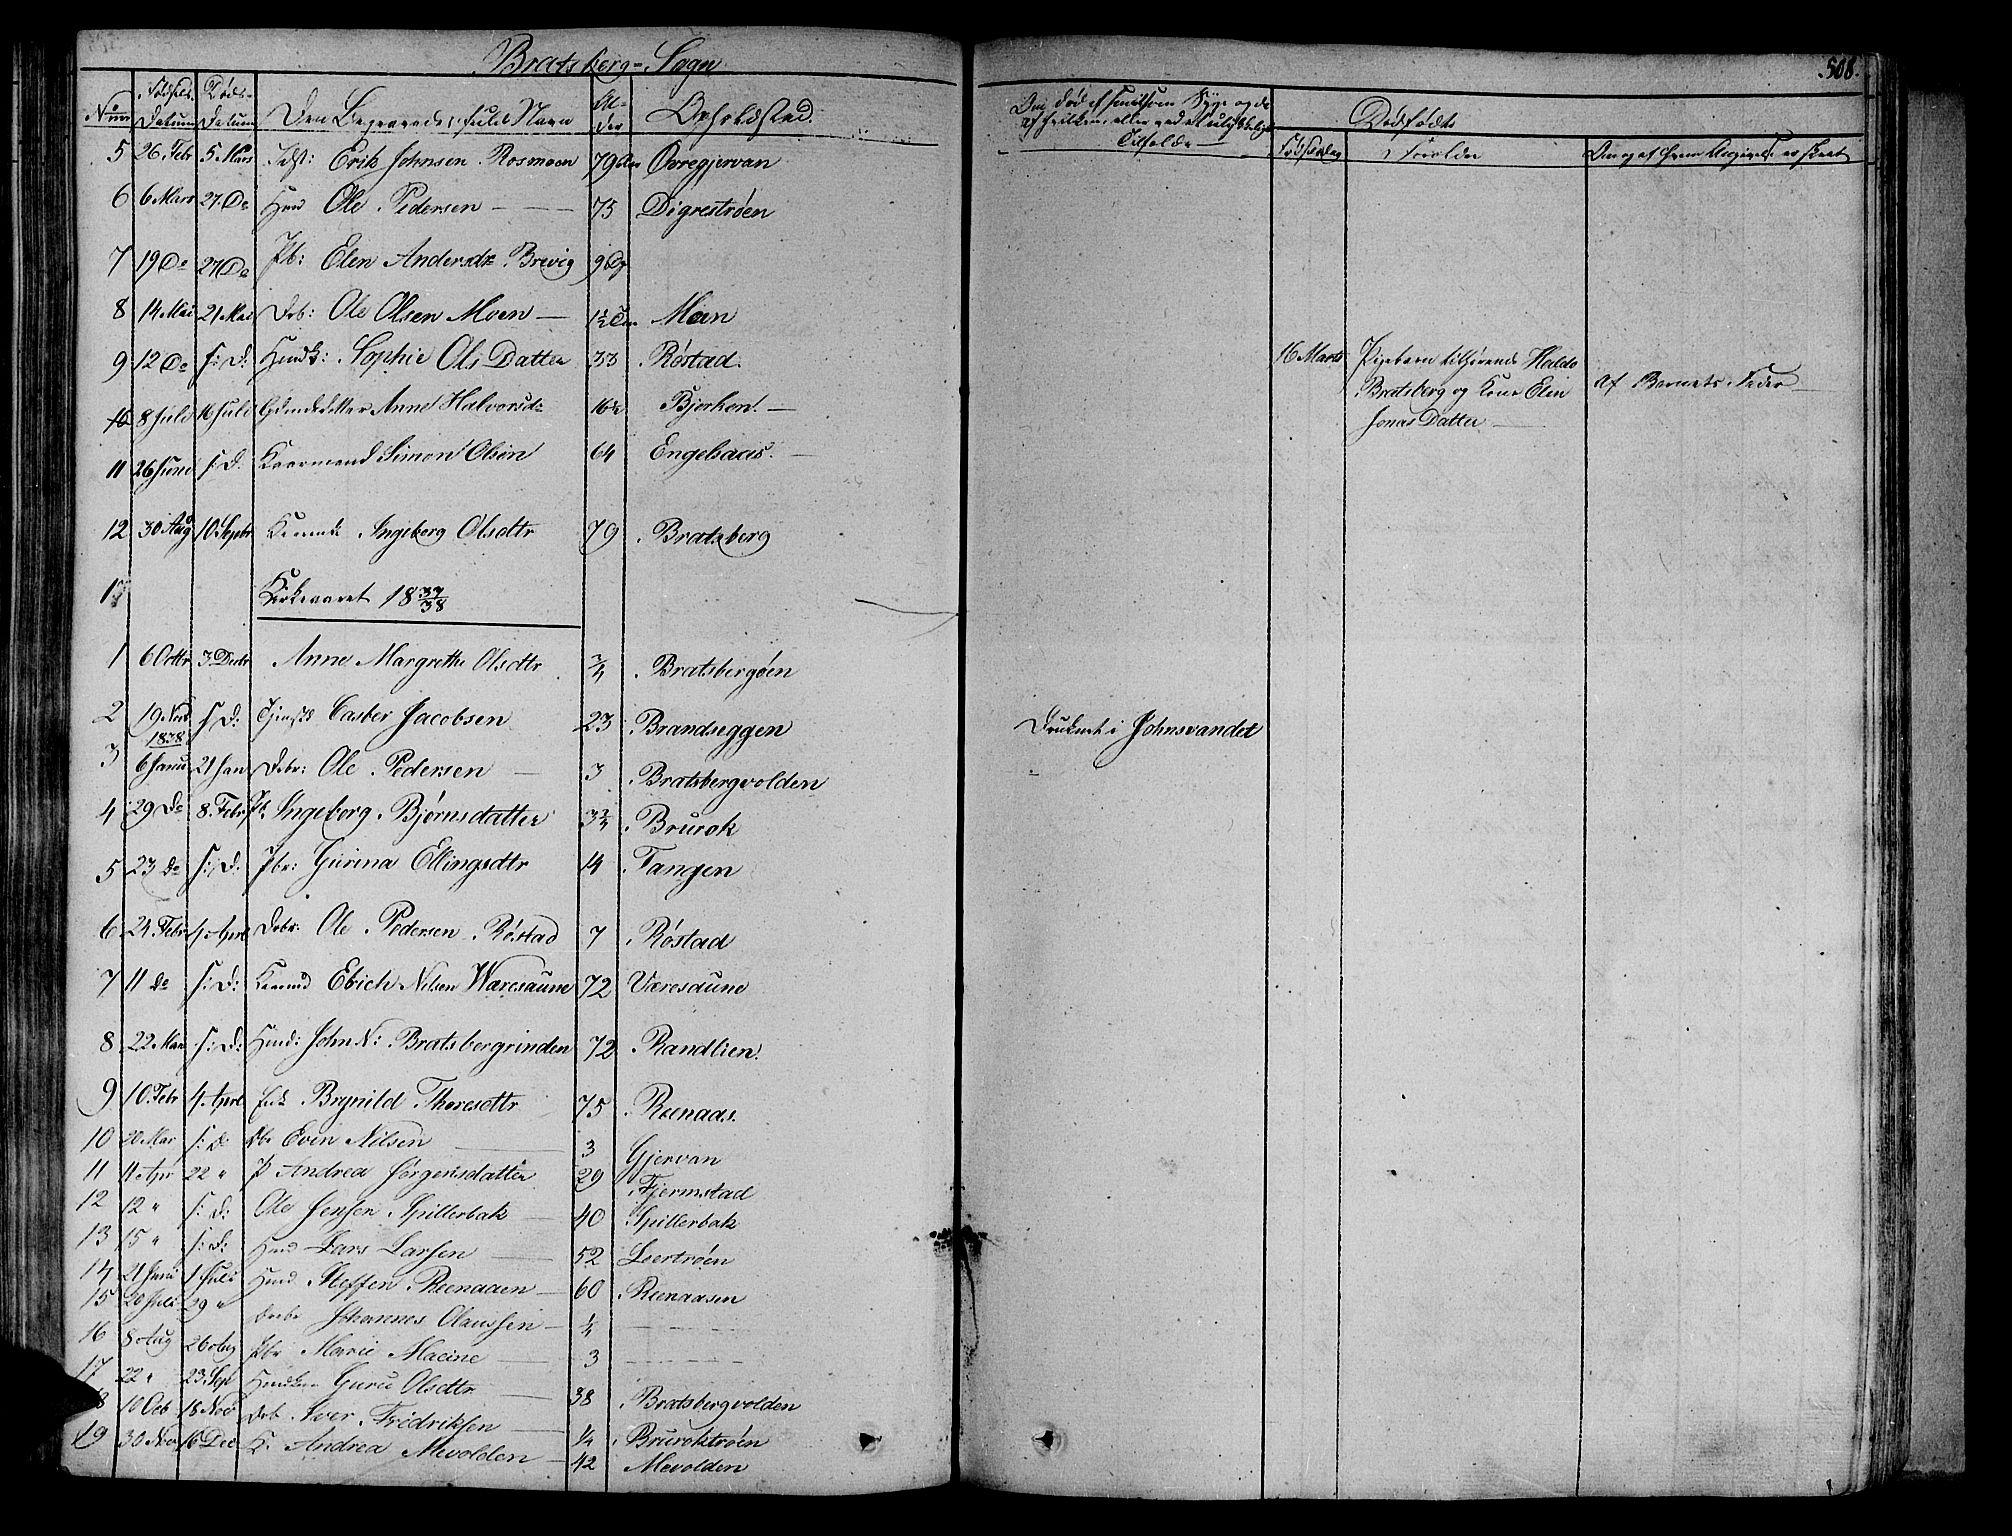 SAT, Ministerialprotokoller, klokkerbøker og fødselsregistre - Sør-Trøndelag, 606/L0289: Ministerialbok nr. 606A04 /4, 1826-1840, s. 508